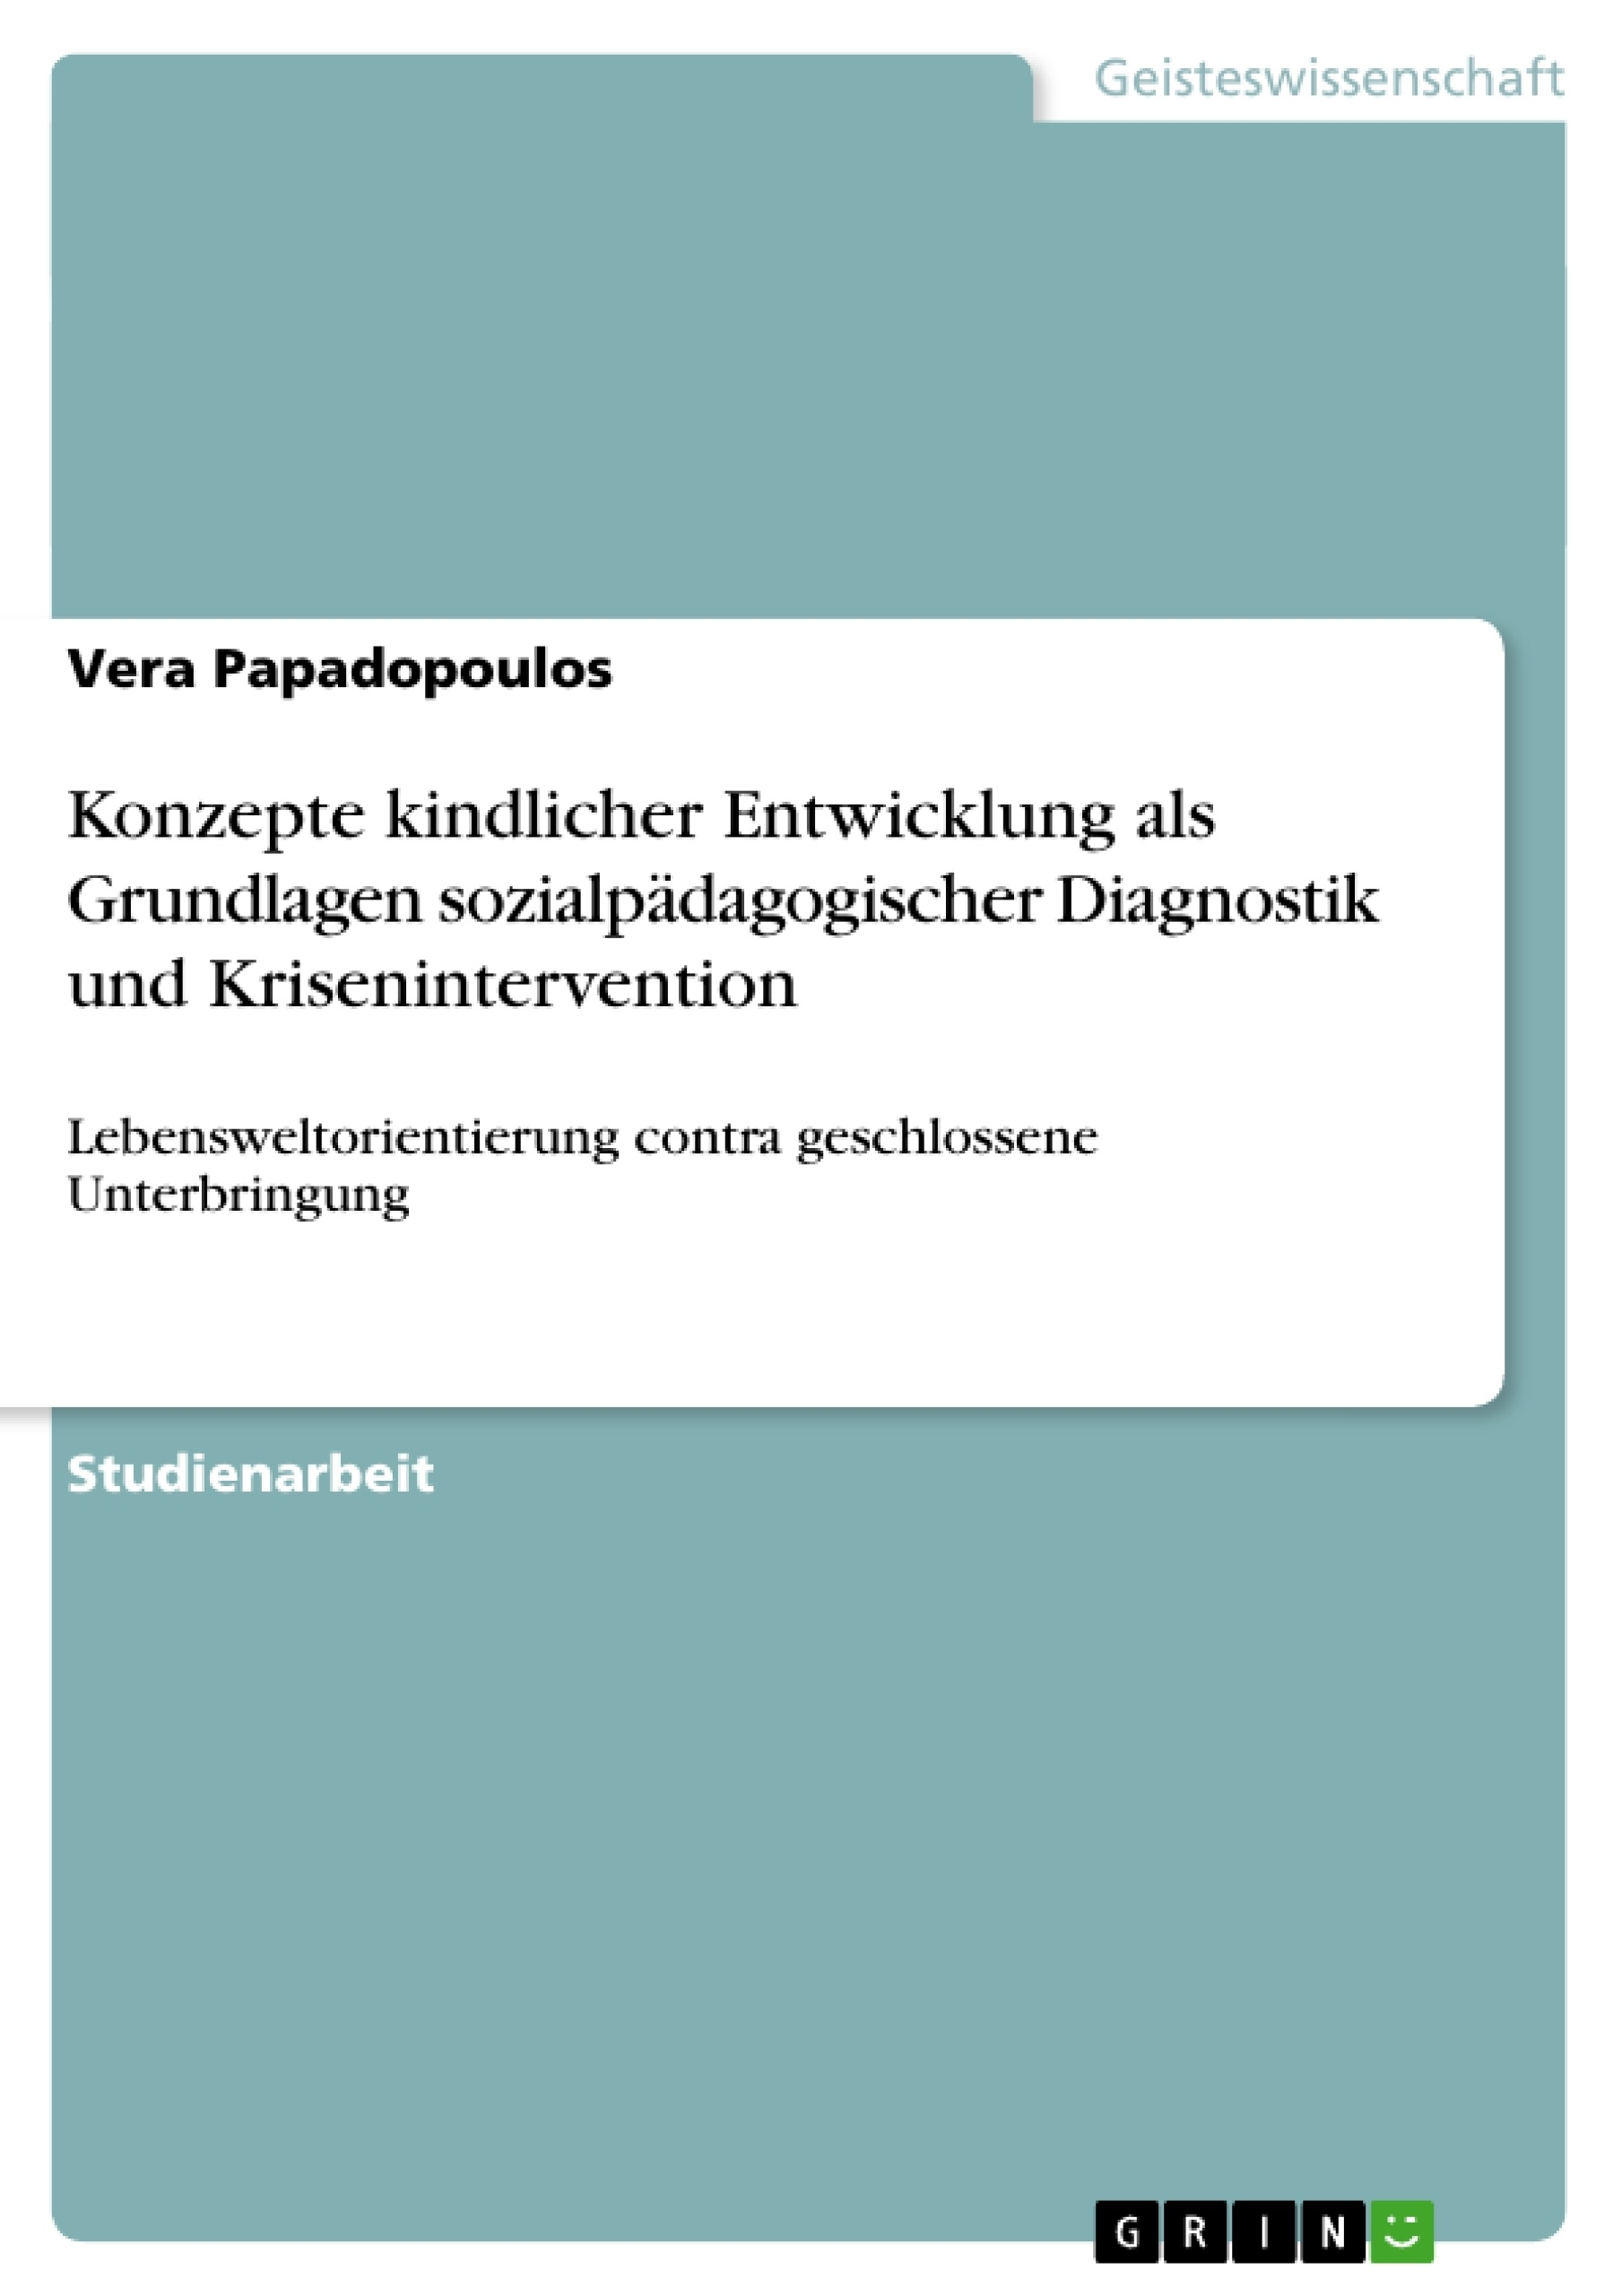 Titel: Konzepte kindlicher Entwicklung als Grundlagen sozialpädagogischer Diagnostik und Krisenintervention